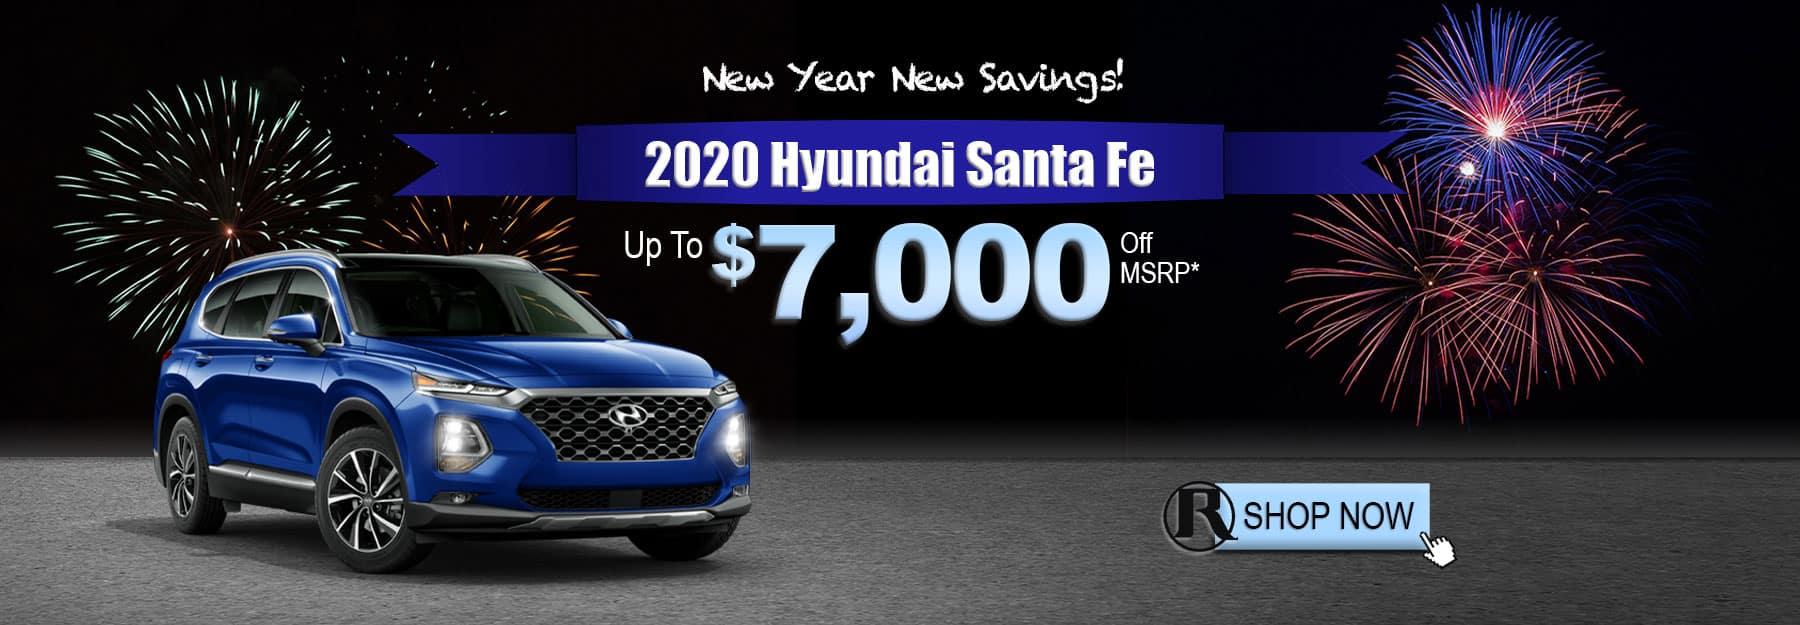 Hyundai Santa Fe St Joseph